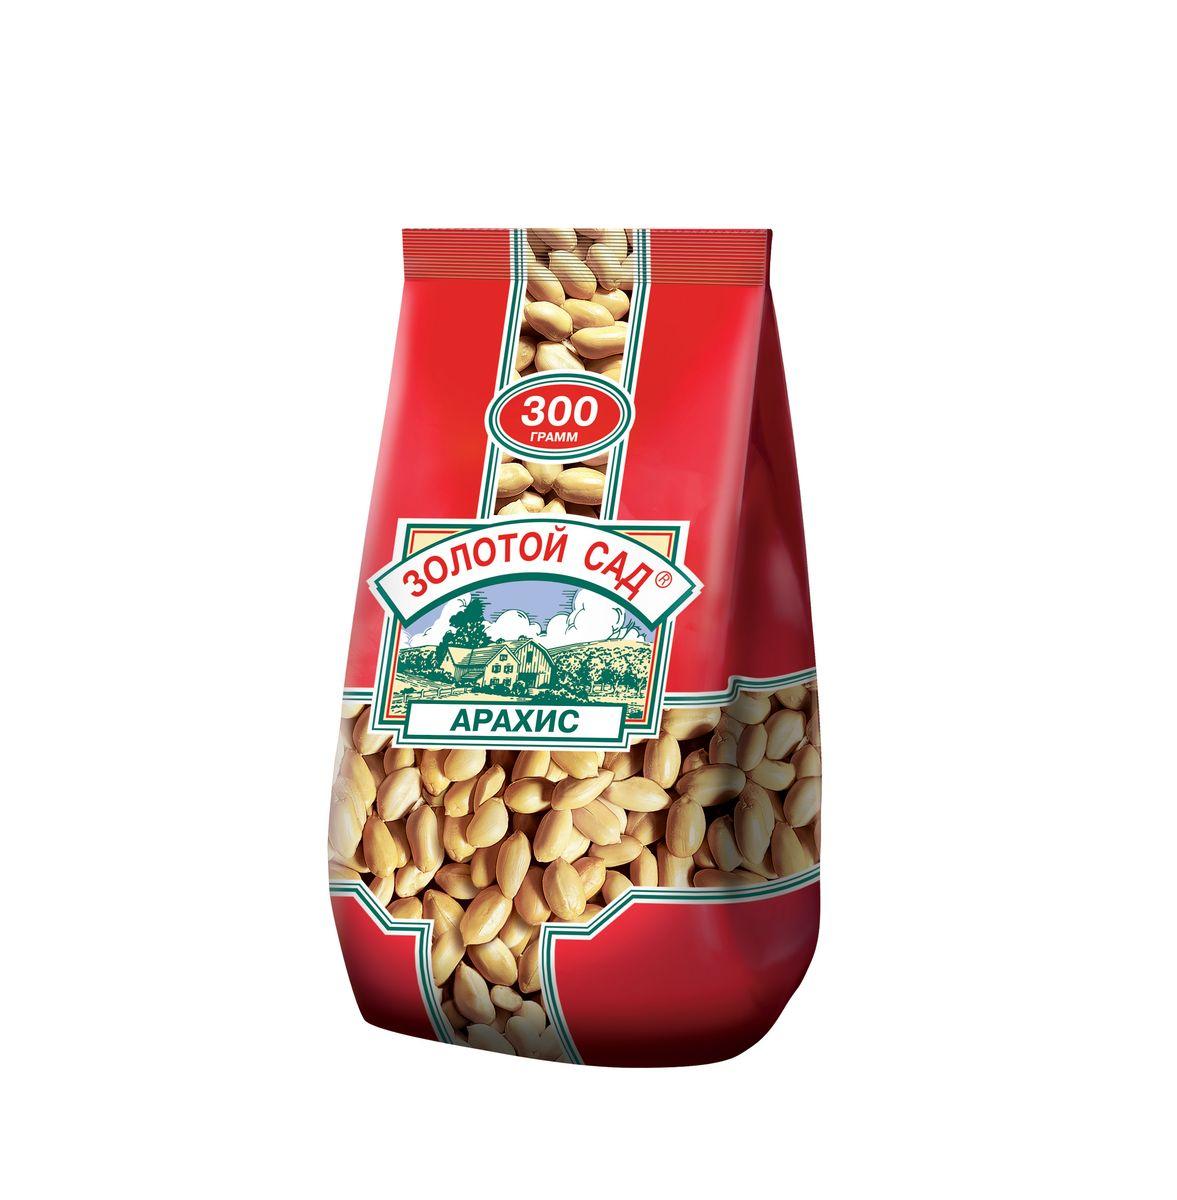 Золотой сад арахис жареный соленый, 300 г